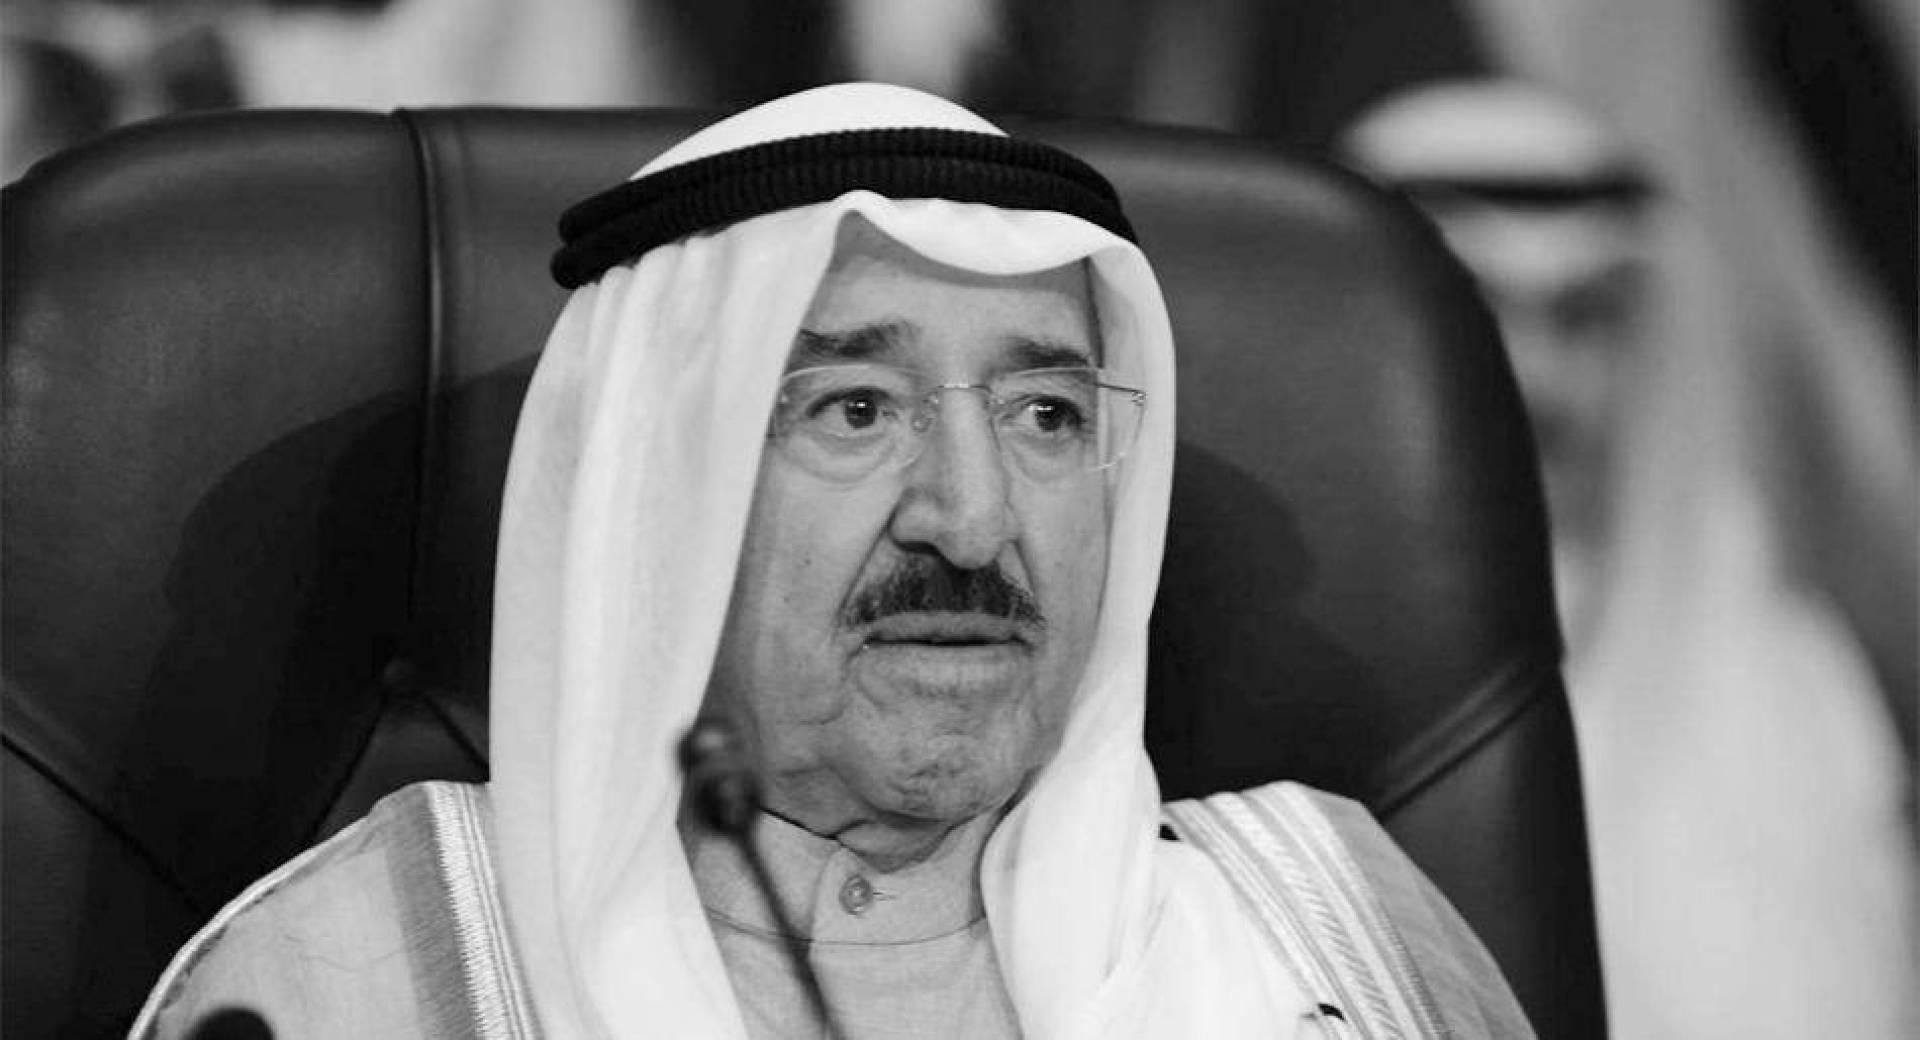 الديوان الأميري: سمو أمير البلاد الشيخ صباح الأحمد الجابر الصباح.. ينتقل إلى جوار ربه